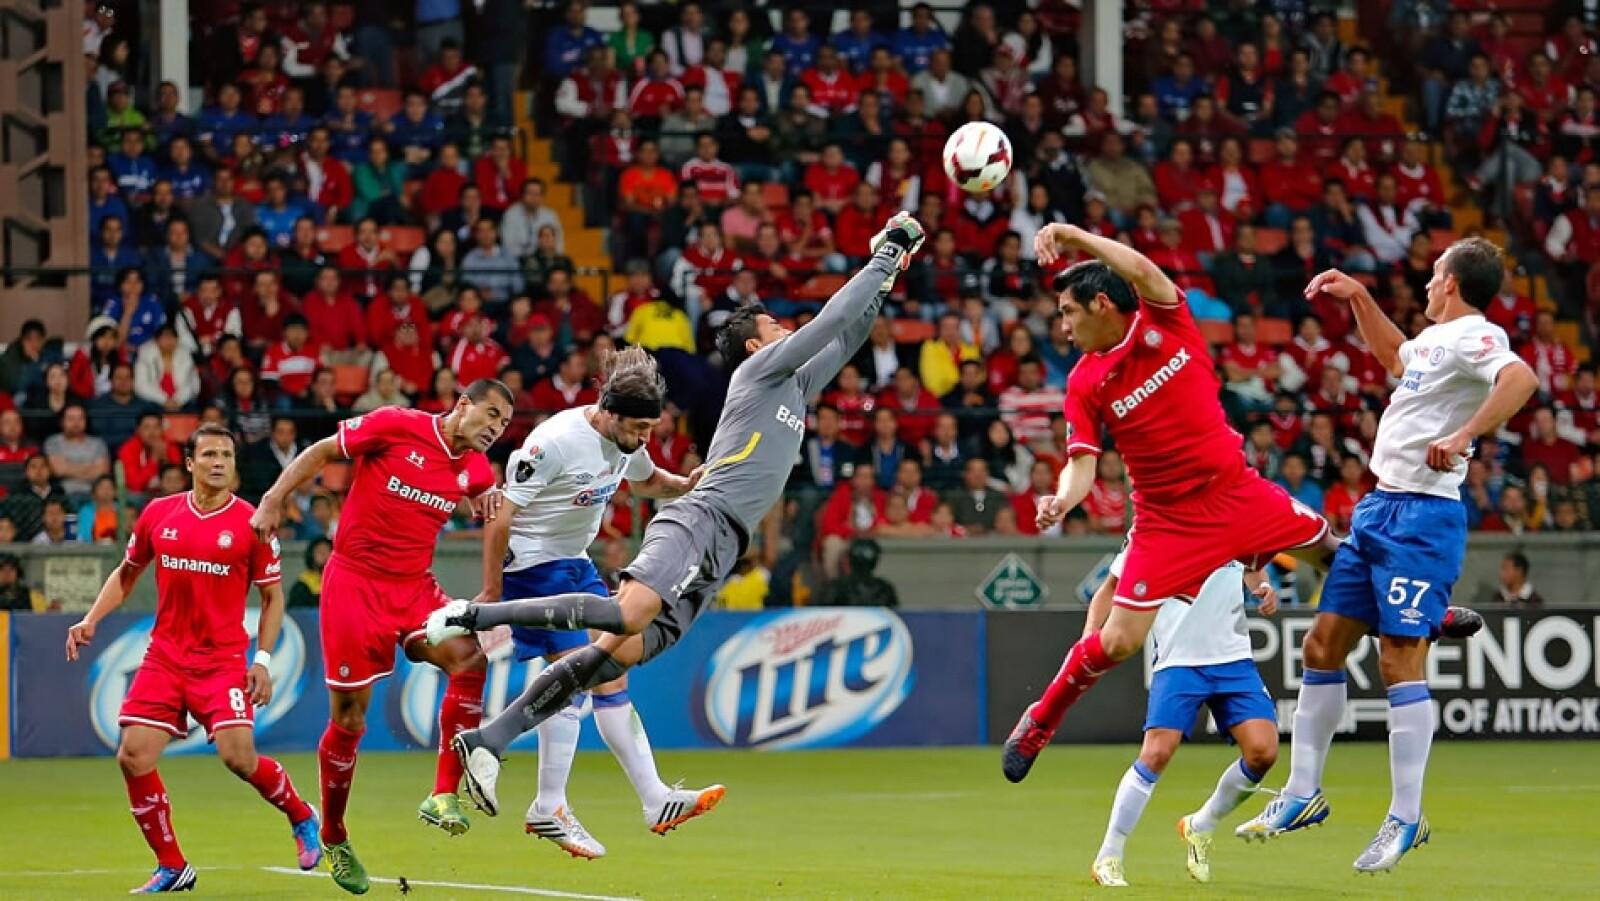 Alfredo Talavera tuvo una buena actuación ante los disparos de Cruz Azul